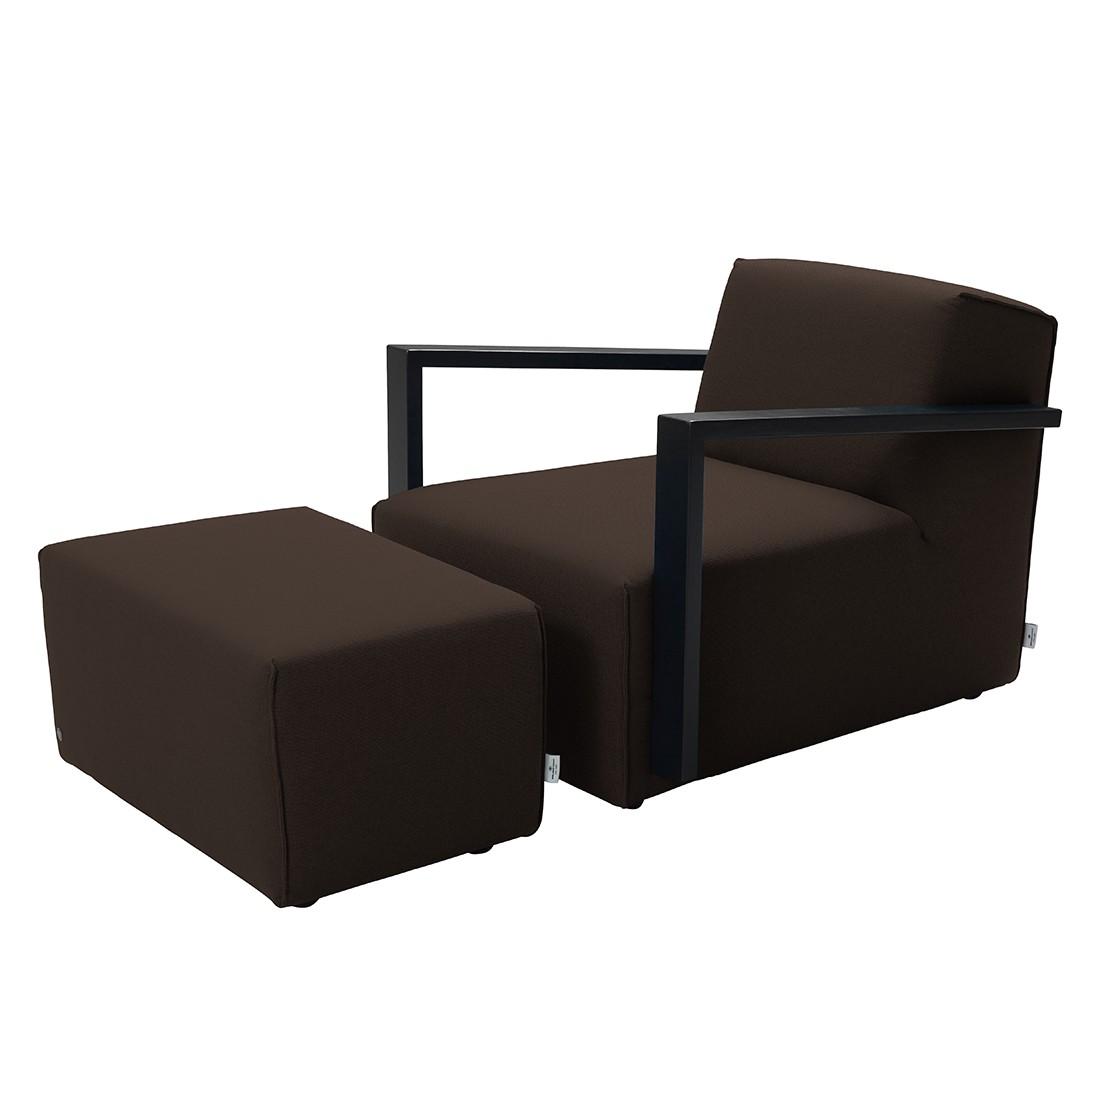 Home 24 - Fauteuil lazy - tissu structuré - avec repose-pieds - marron, tom tailor